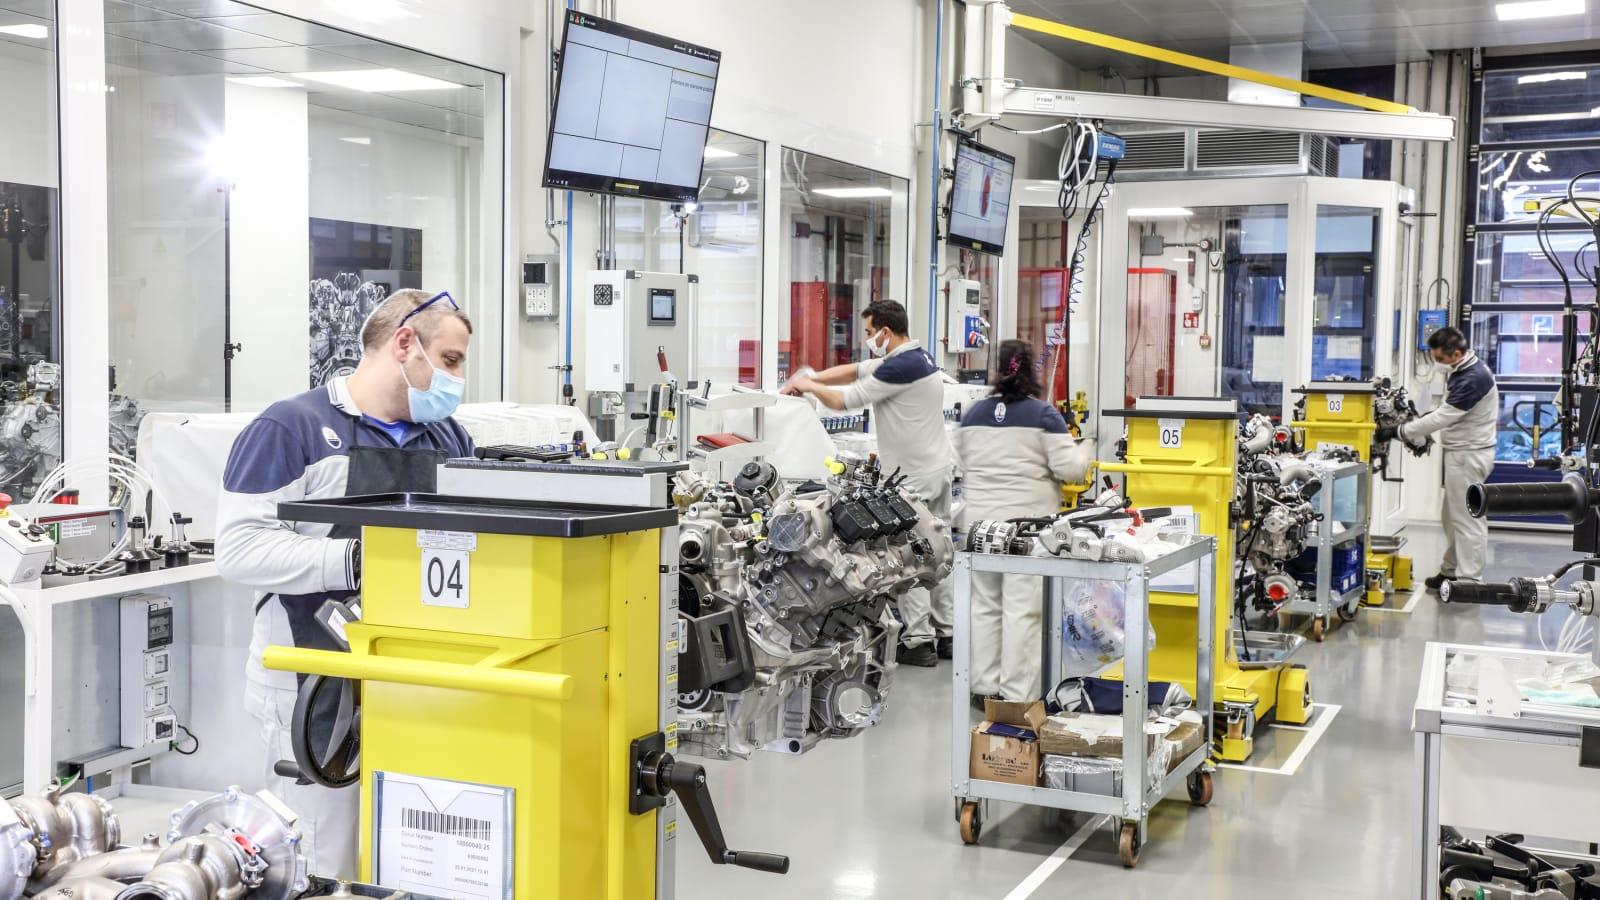 Новый Nettuno V6 Maserati MC20 - образец высоких технологий